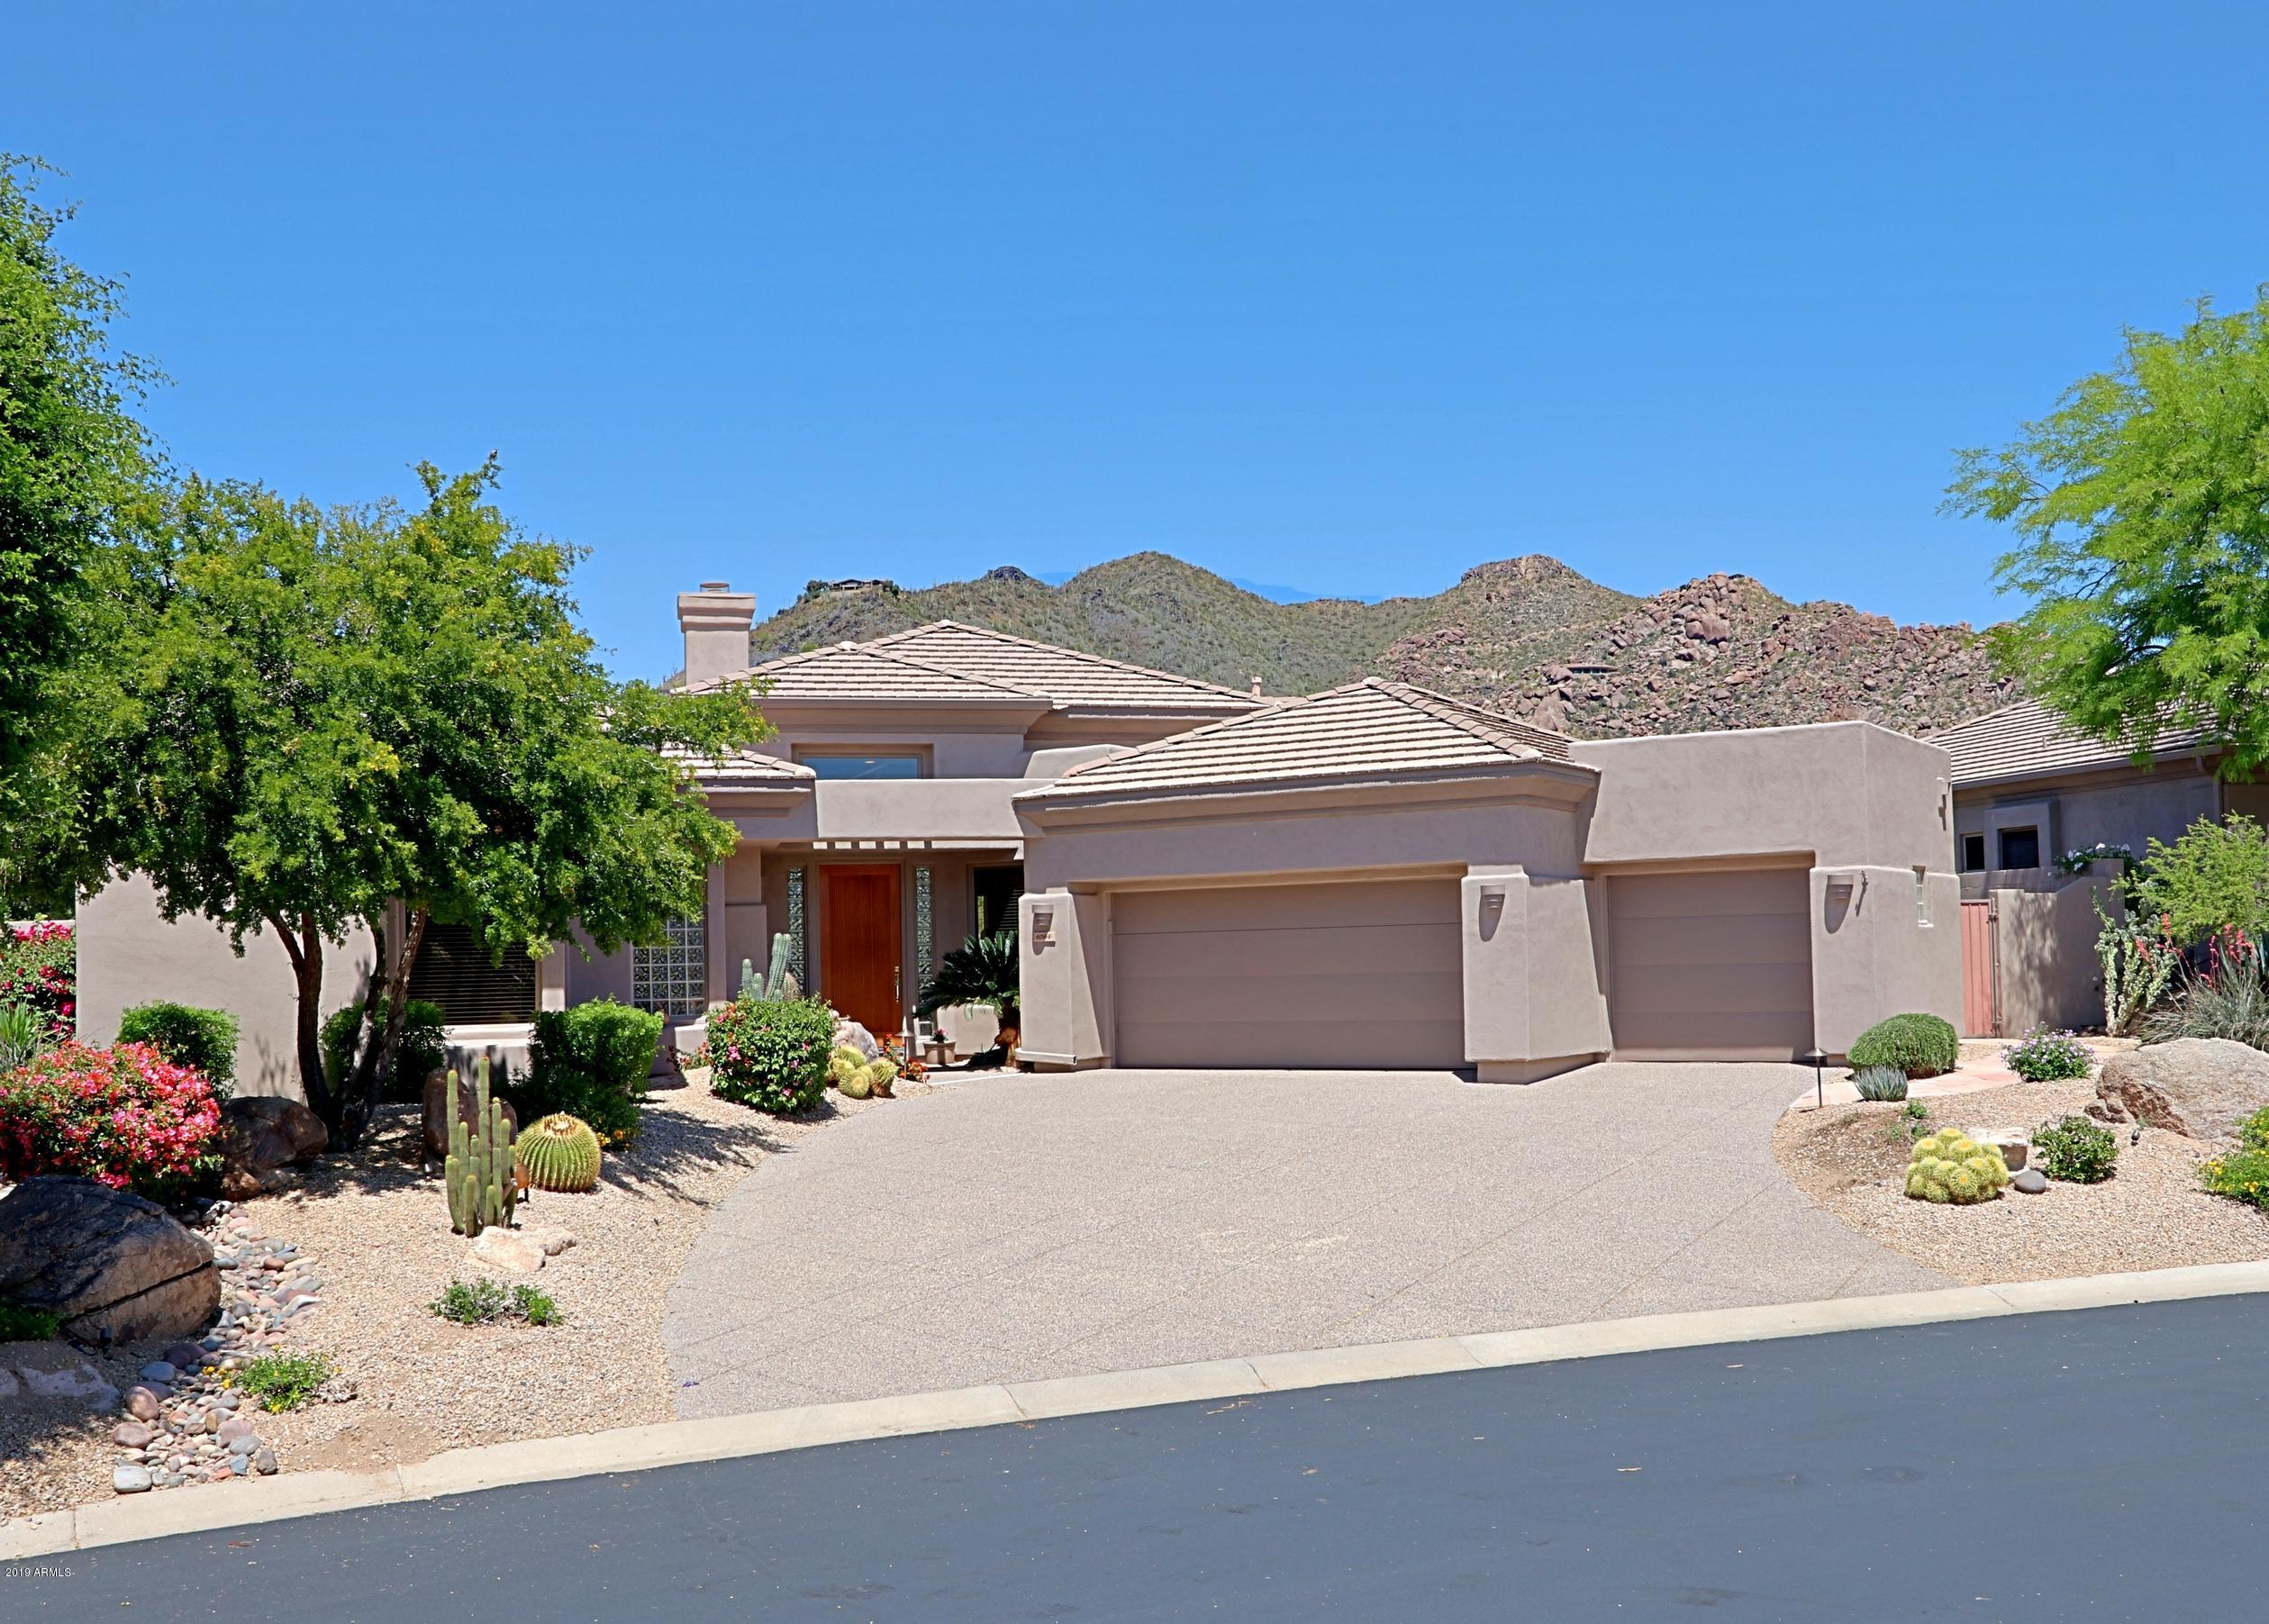 6564 E Whispering Mesquite Trail, Scottsdale AZ 85266